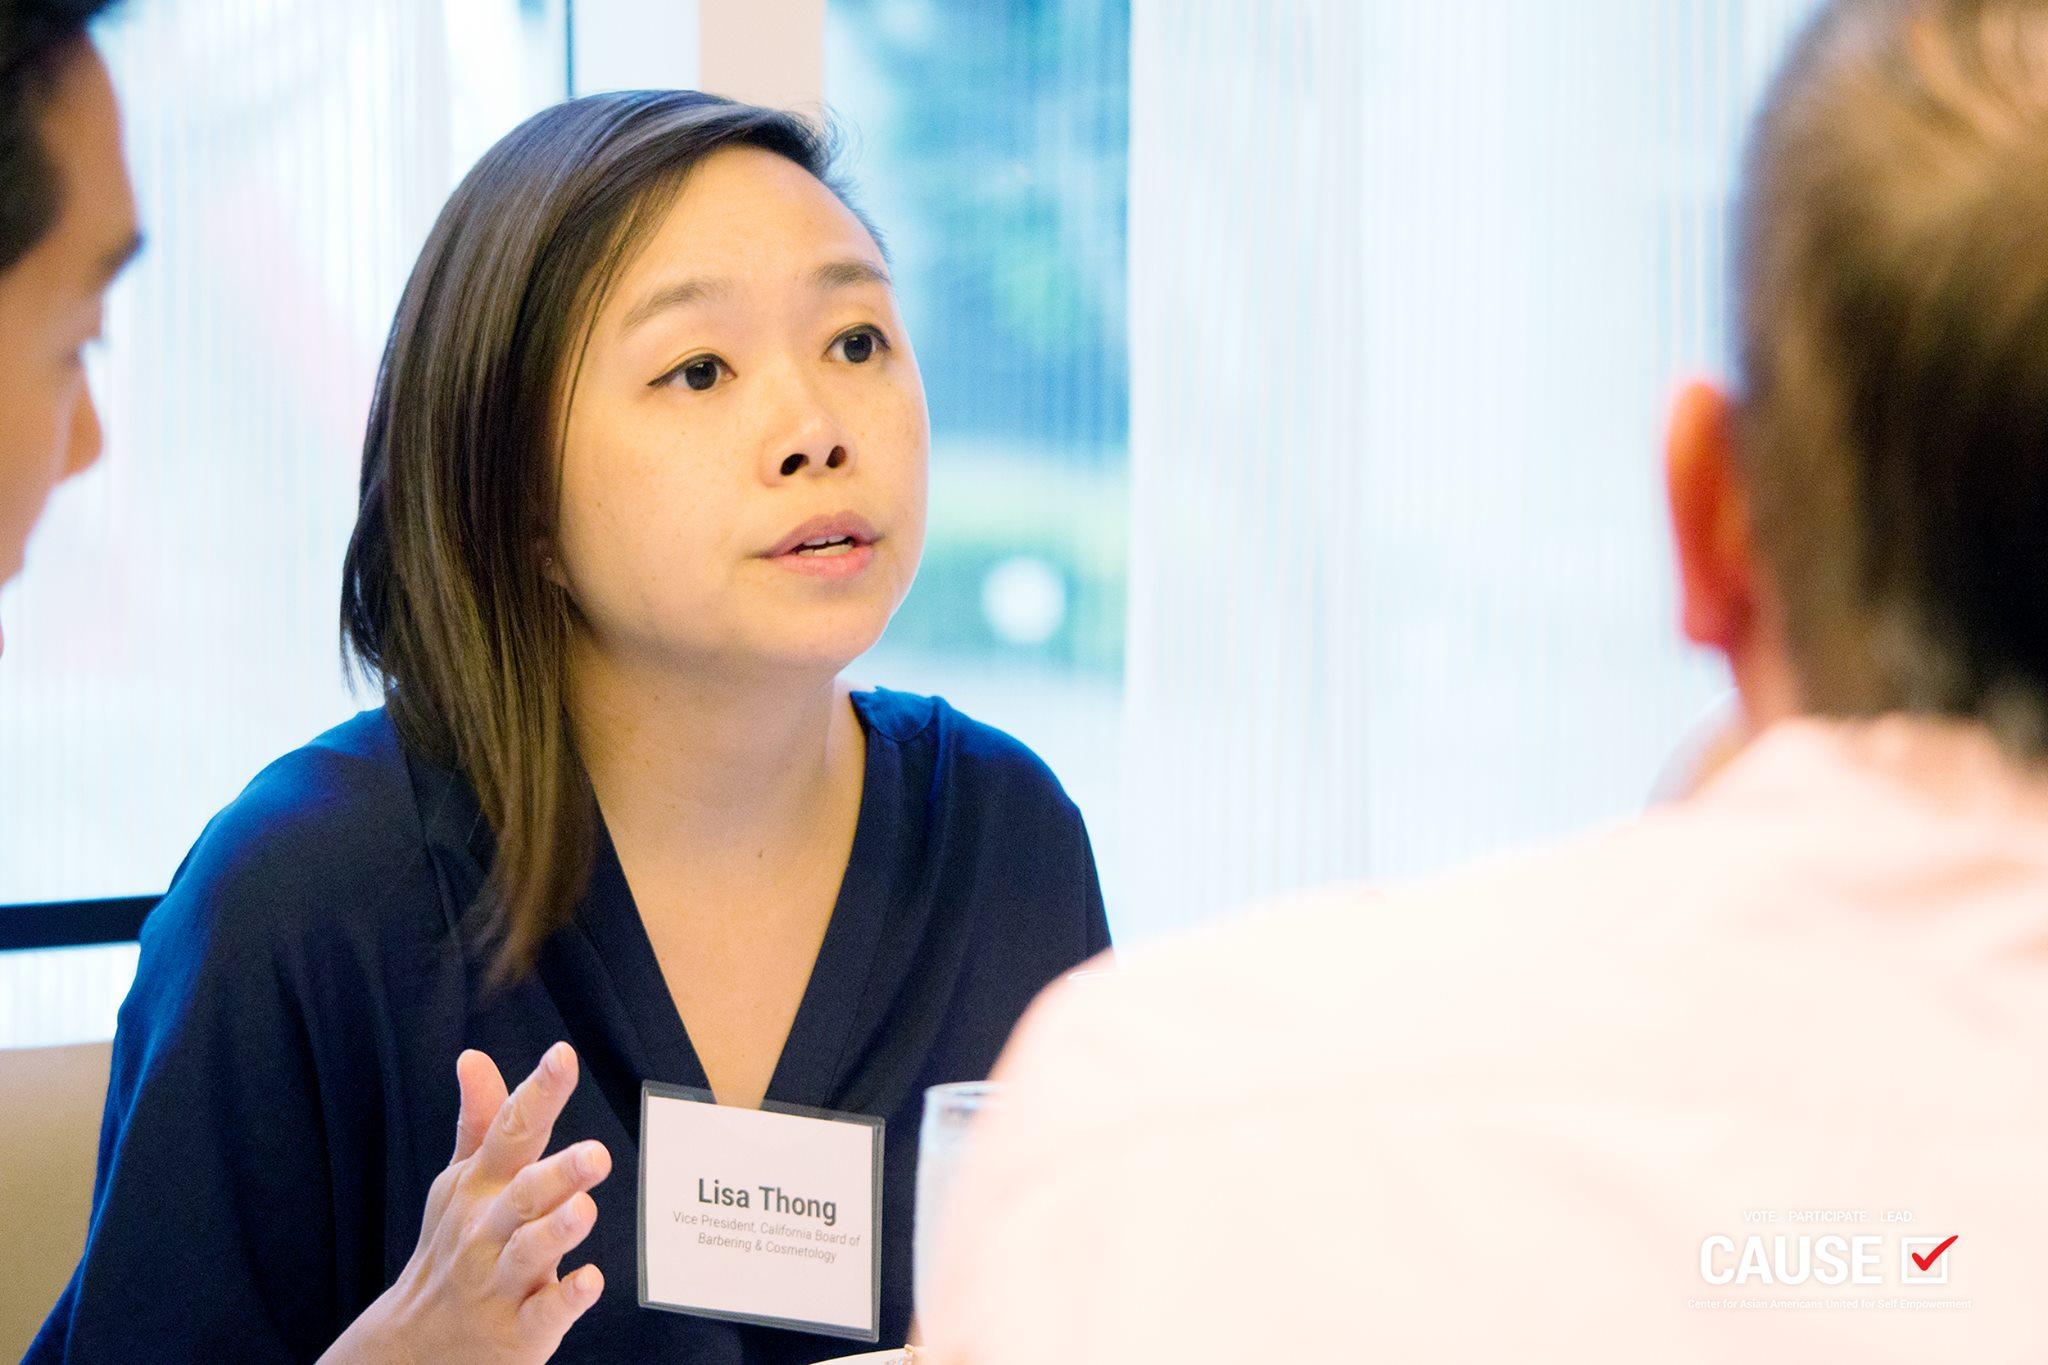 Lisa Thong speaking to CAUSE Leadership Network members